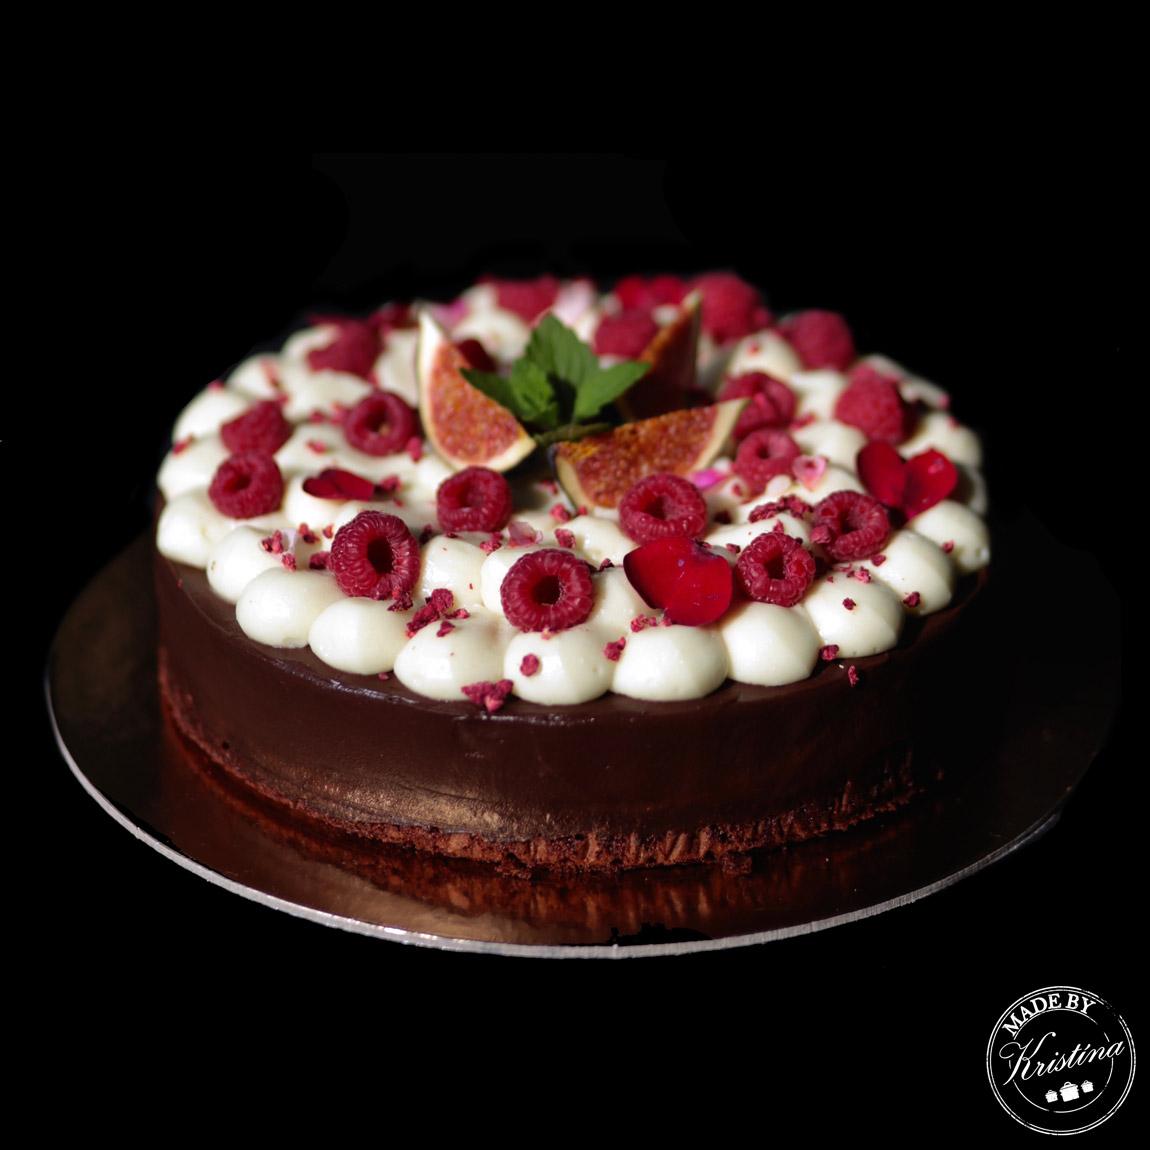 #Veganský čokoládovo-kokosový dort